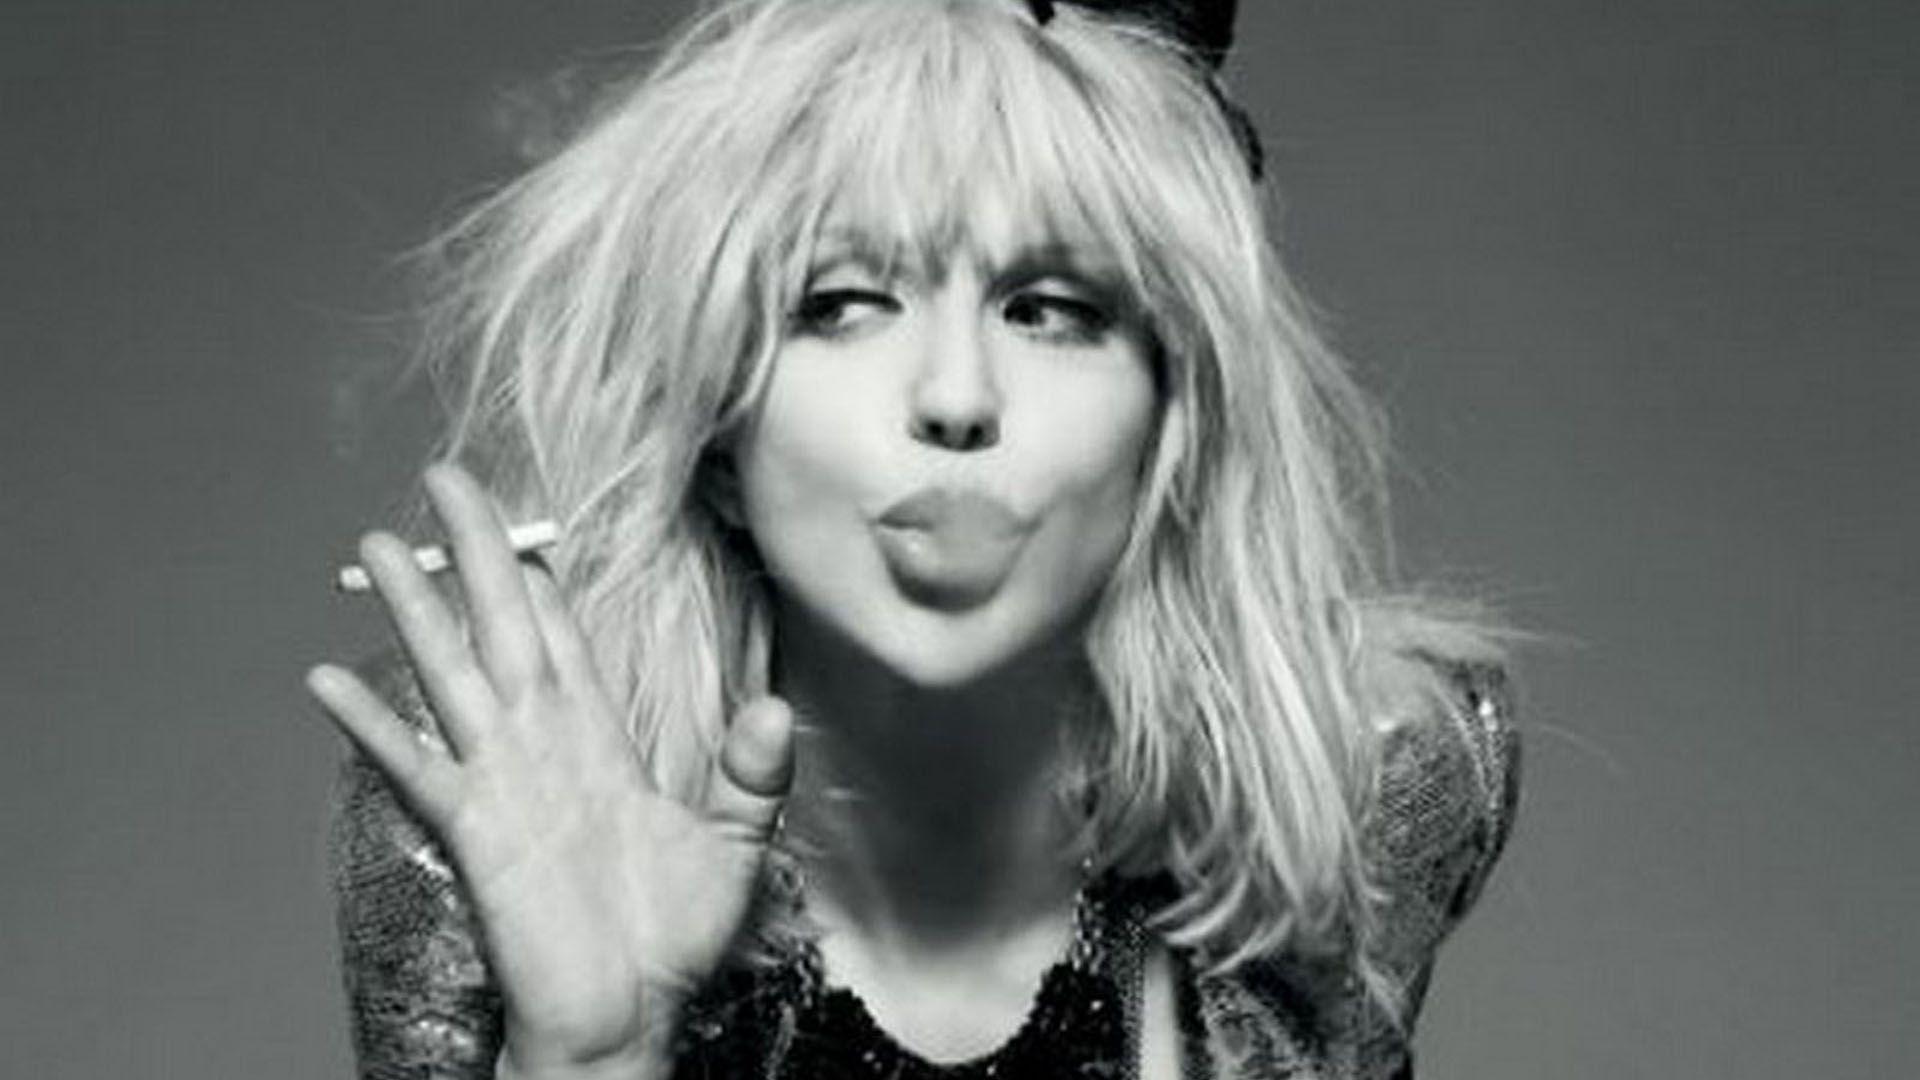 5. Courtney Love